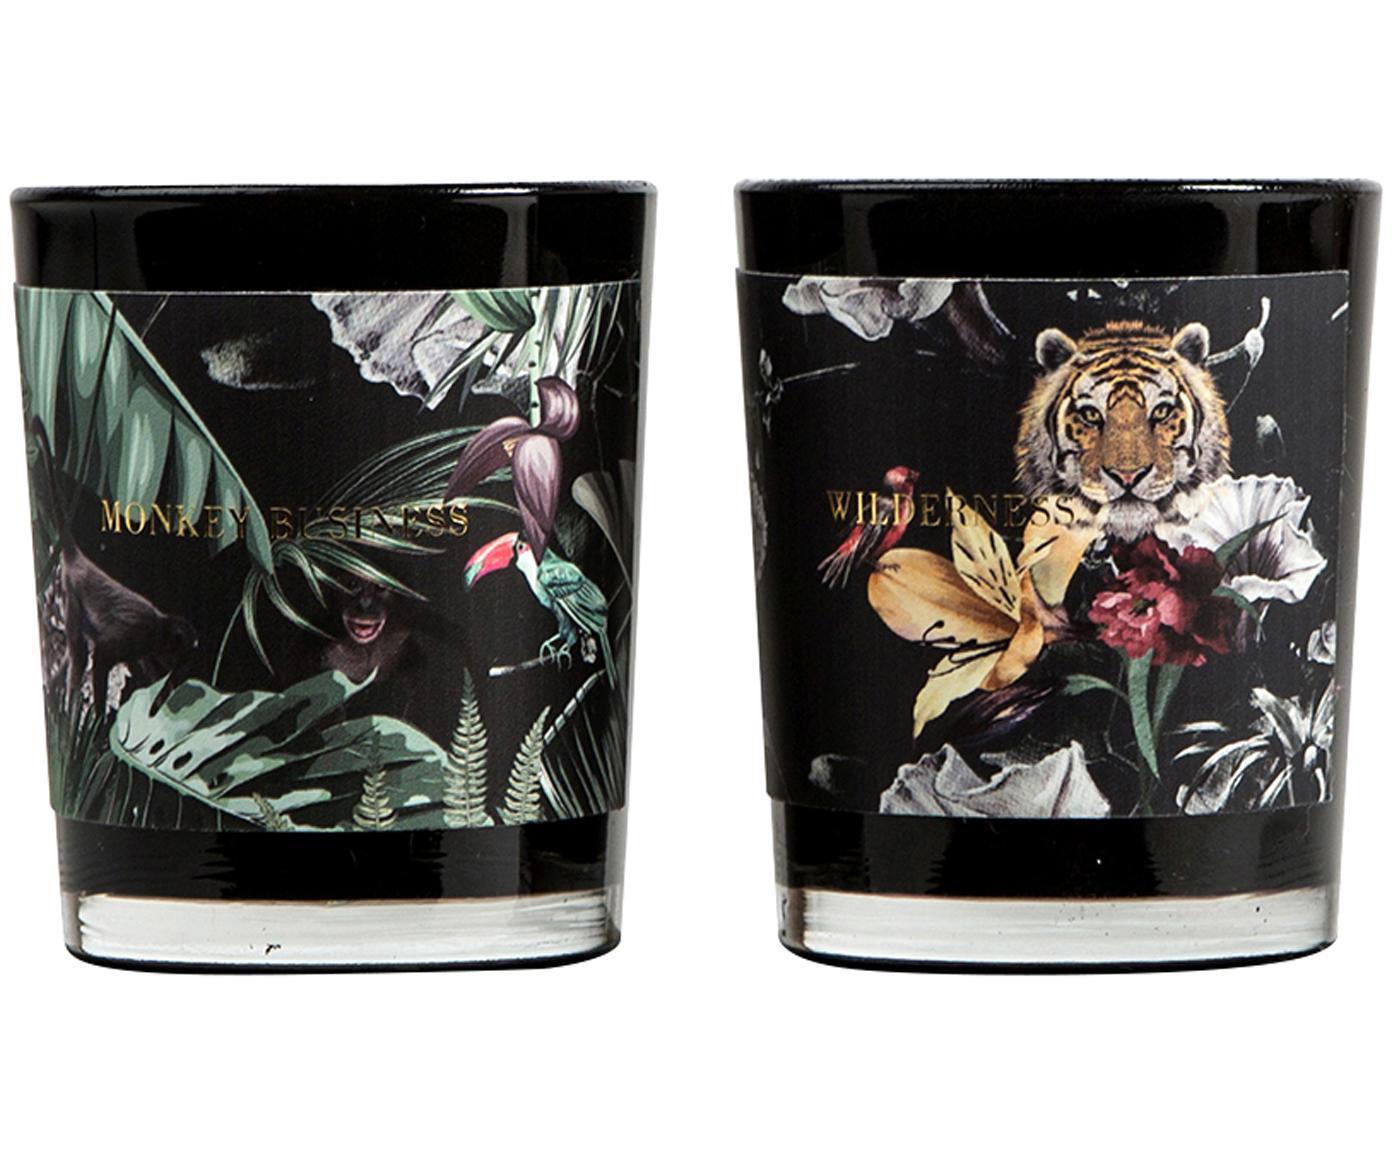 Komplet świec zapachowych Wilderness (ananas, marakuja, grejpfrut i mango), 2 elem., Czarny, odcienie zielonego, odcienie szarego, Ø 6 x W 7 cm